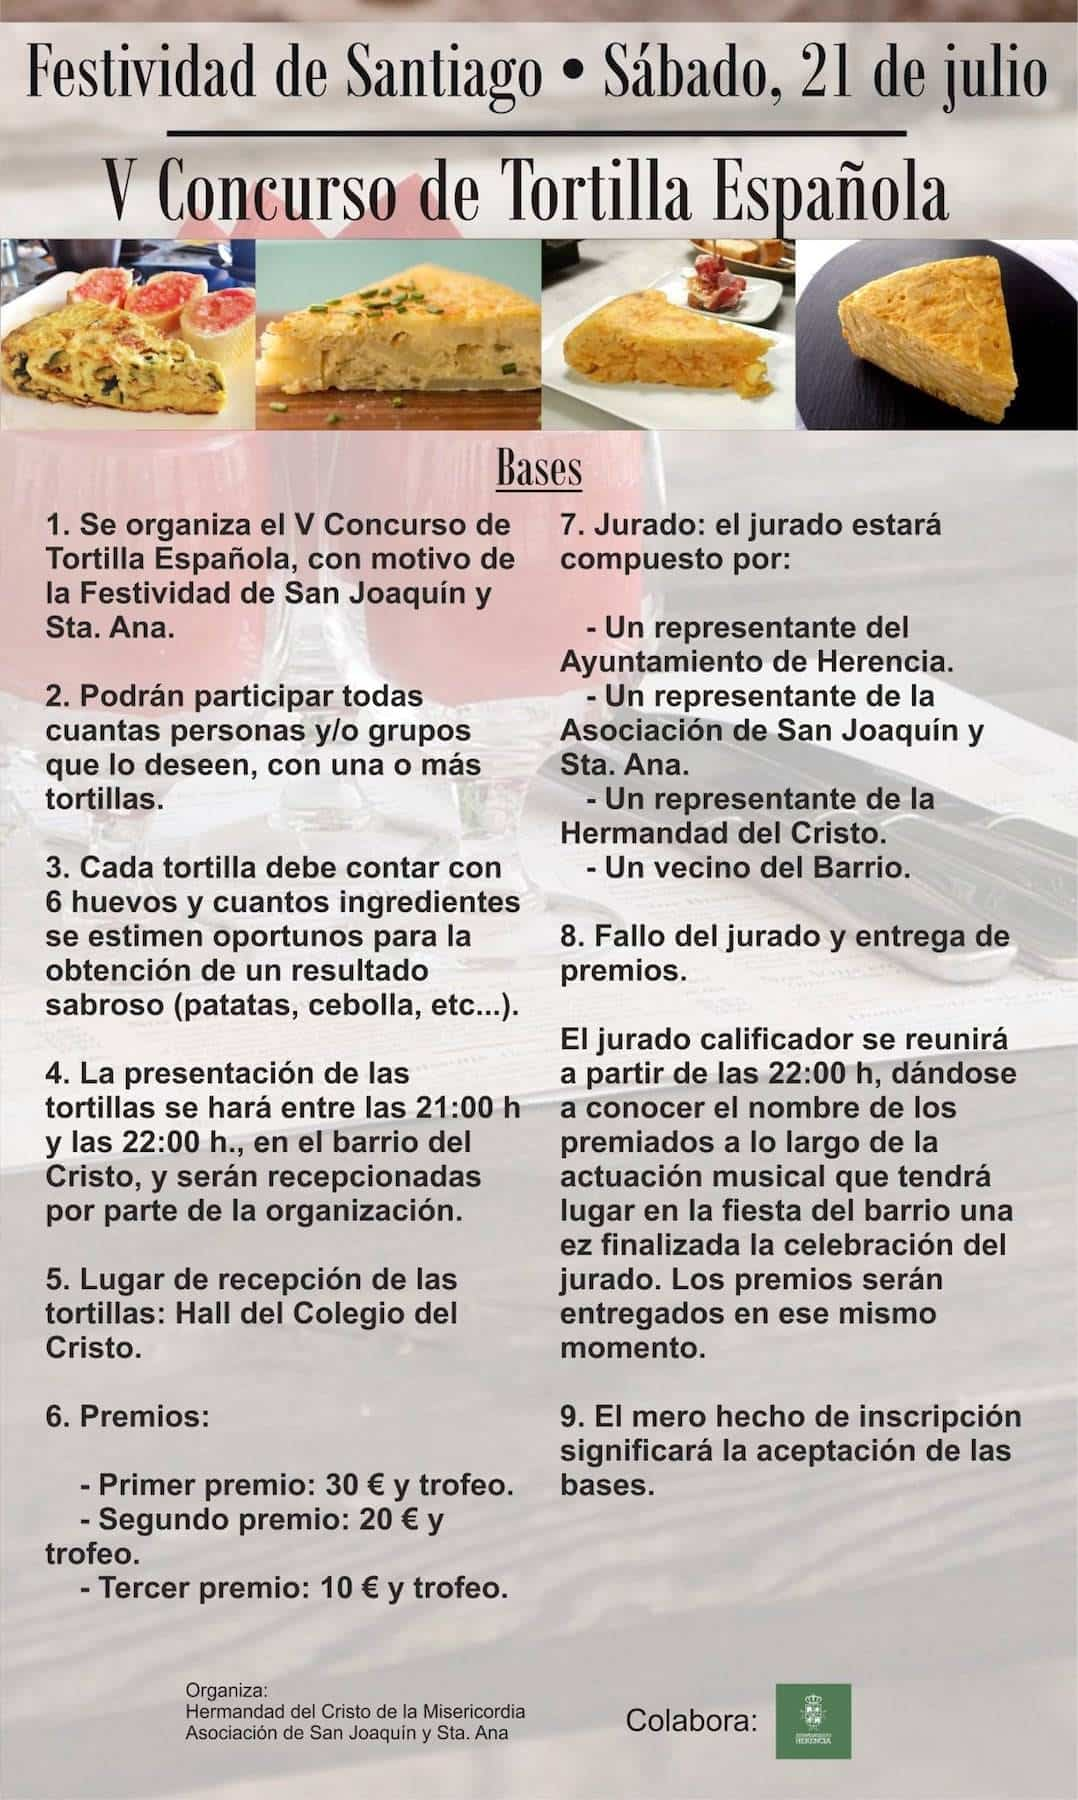 V Concurso de Tortilla herencia - V Concurso de Tortilla Española en Herencia